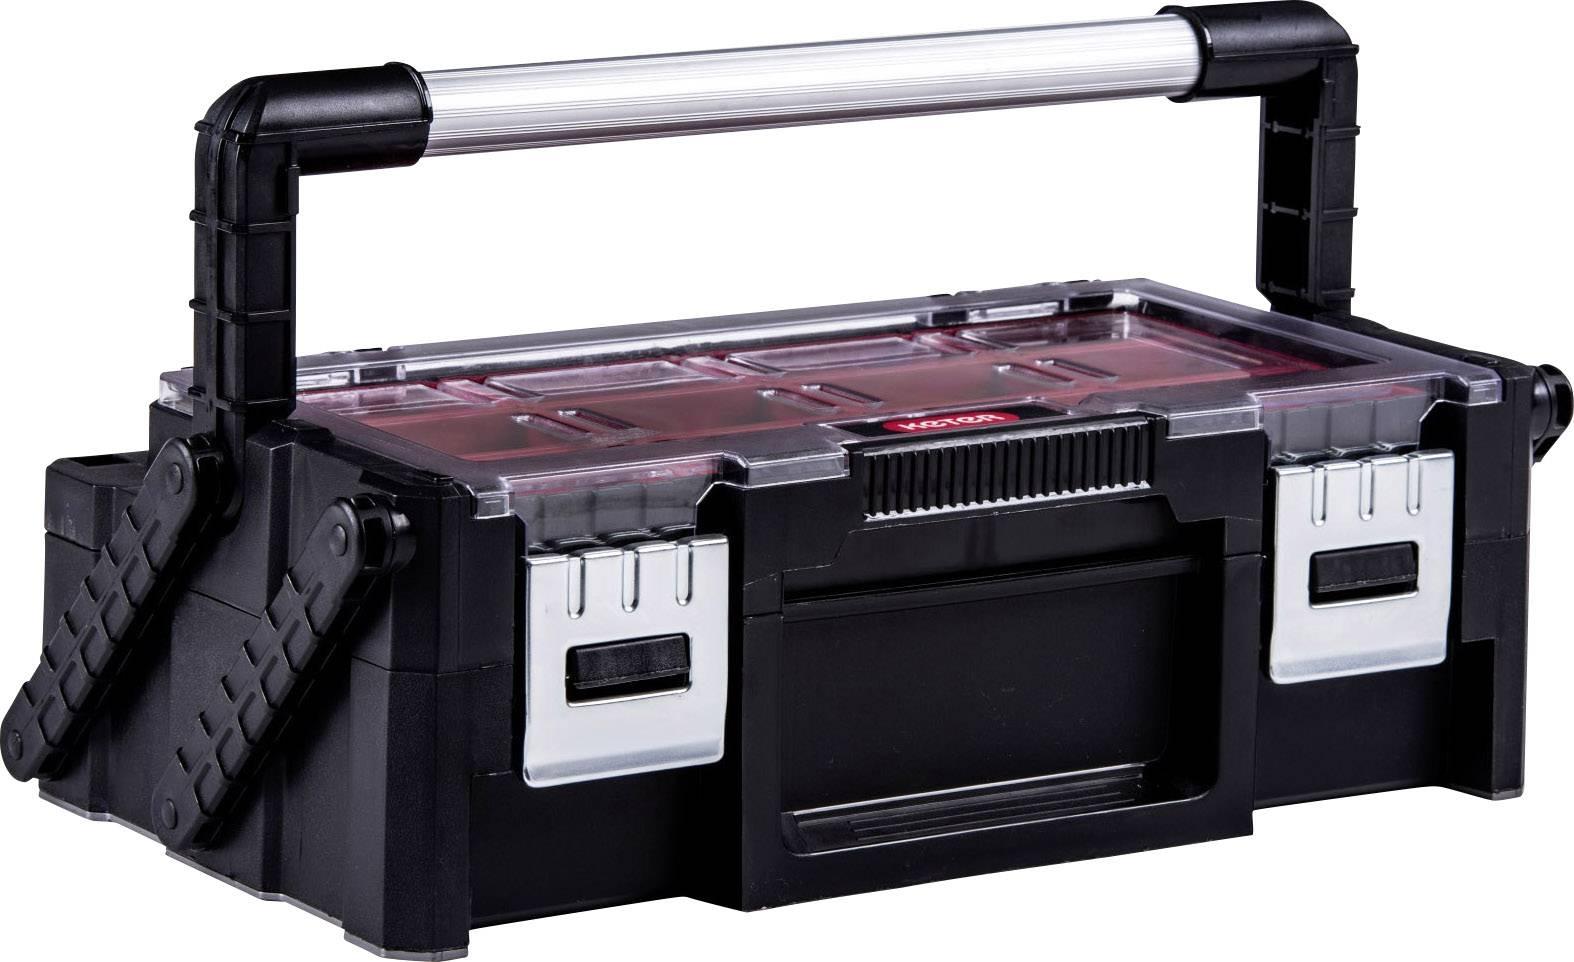 Keter Instrumentu kaste ar 18 nodalijumiem Cantilever Tool Box 18; 45,8x24x14,5cm